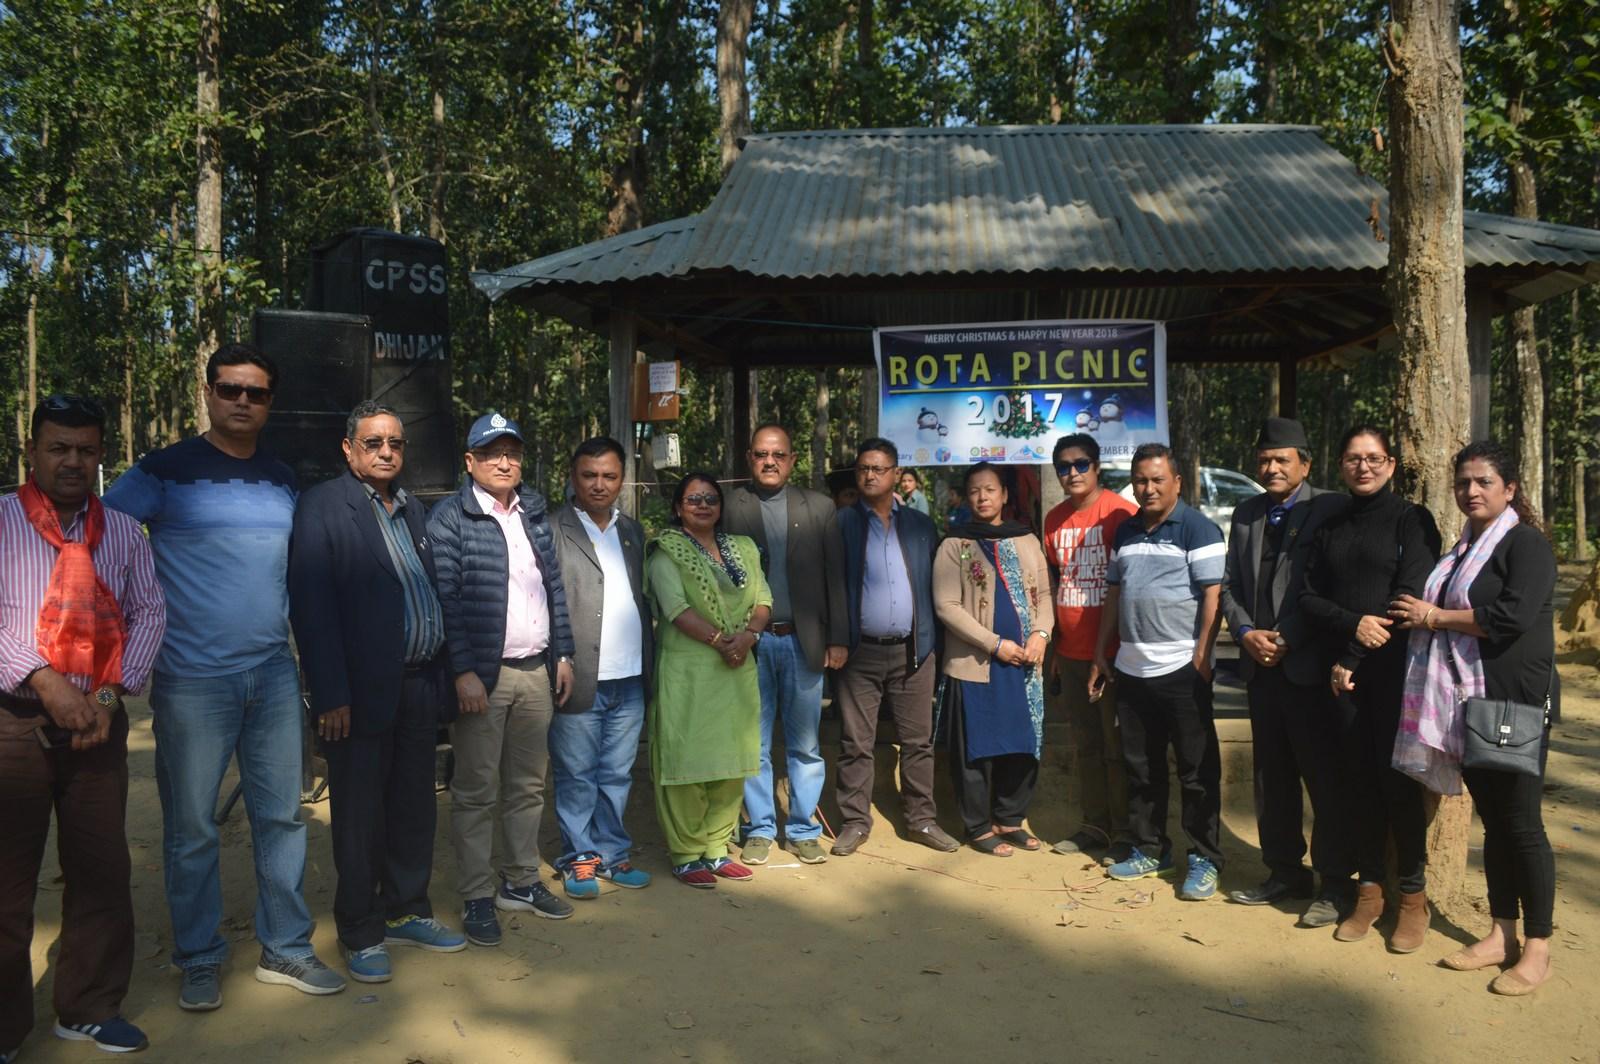 Rota-Picnic-2017-Rotary-Club-of-Kakarvitta-91